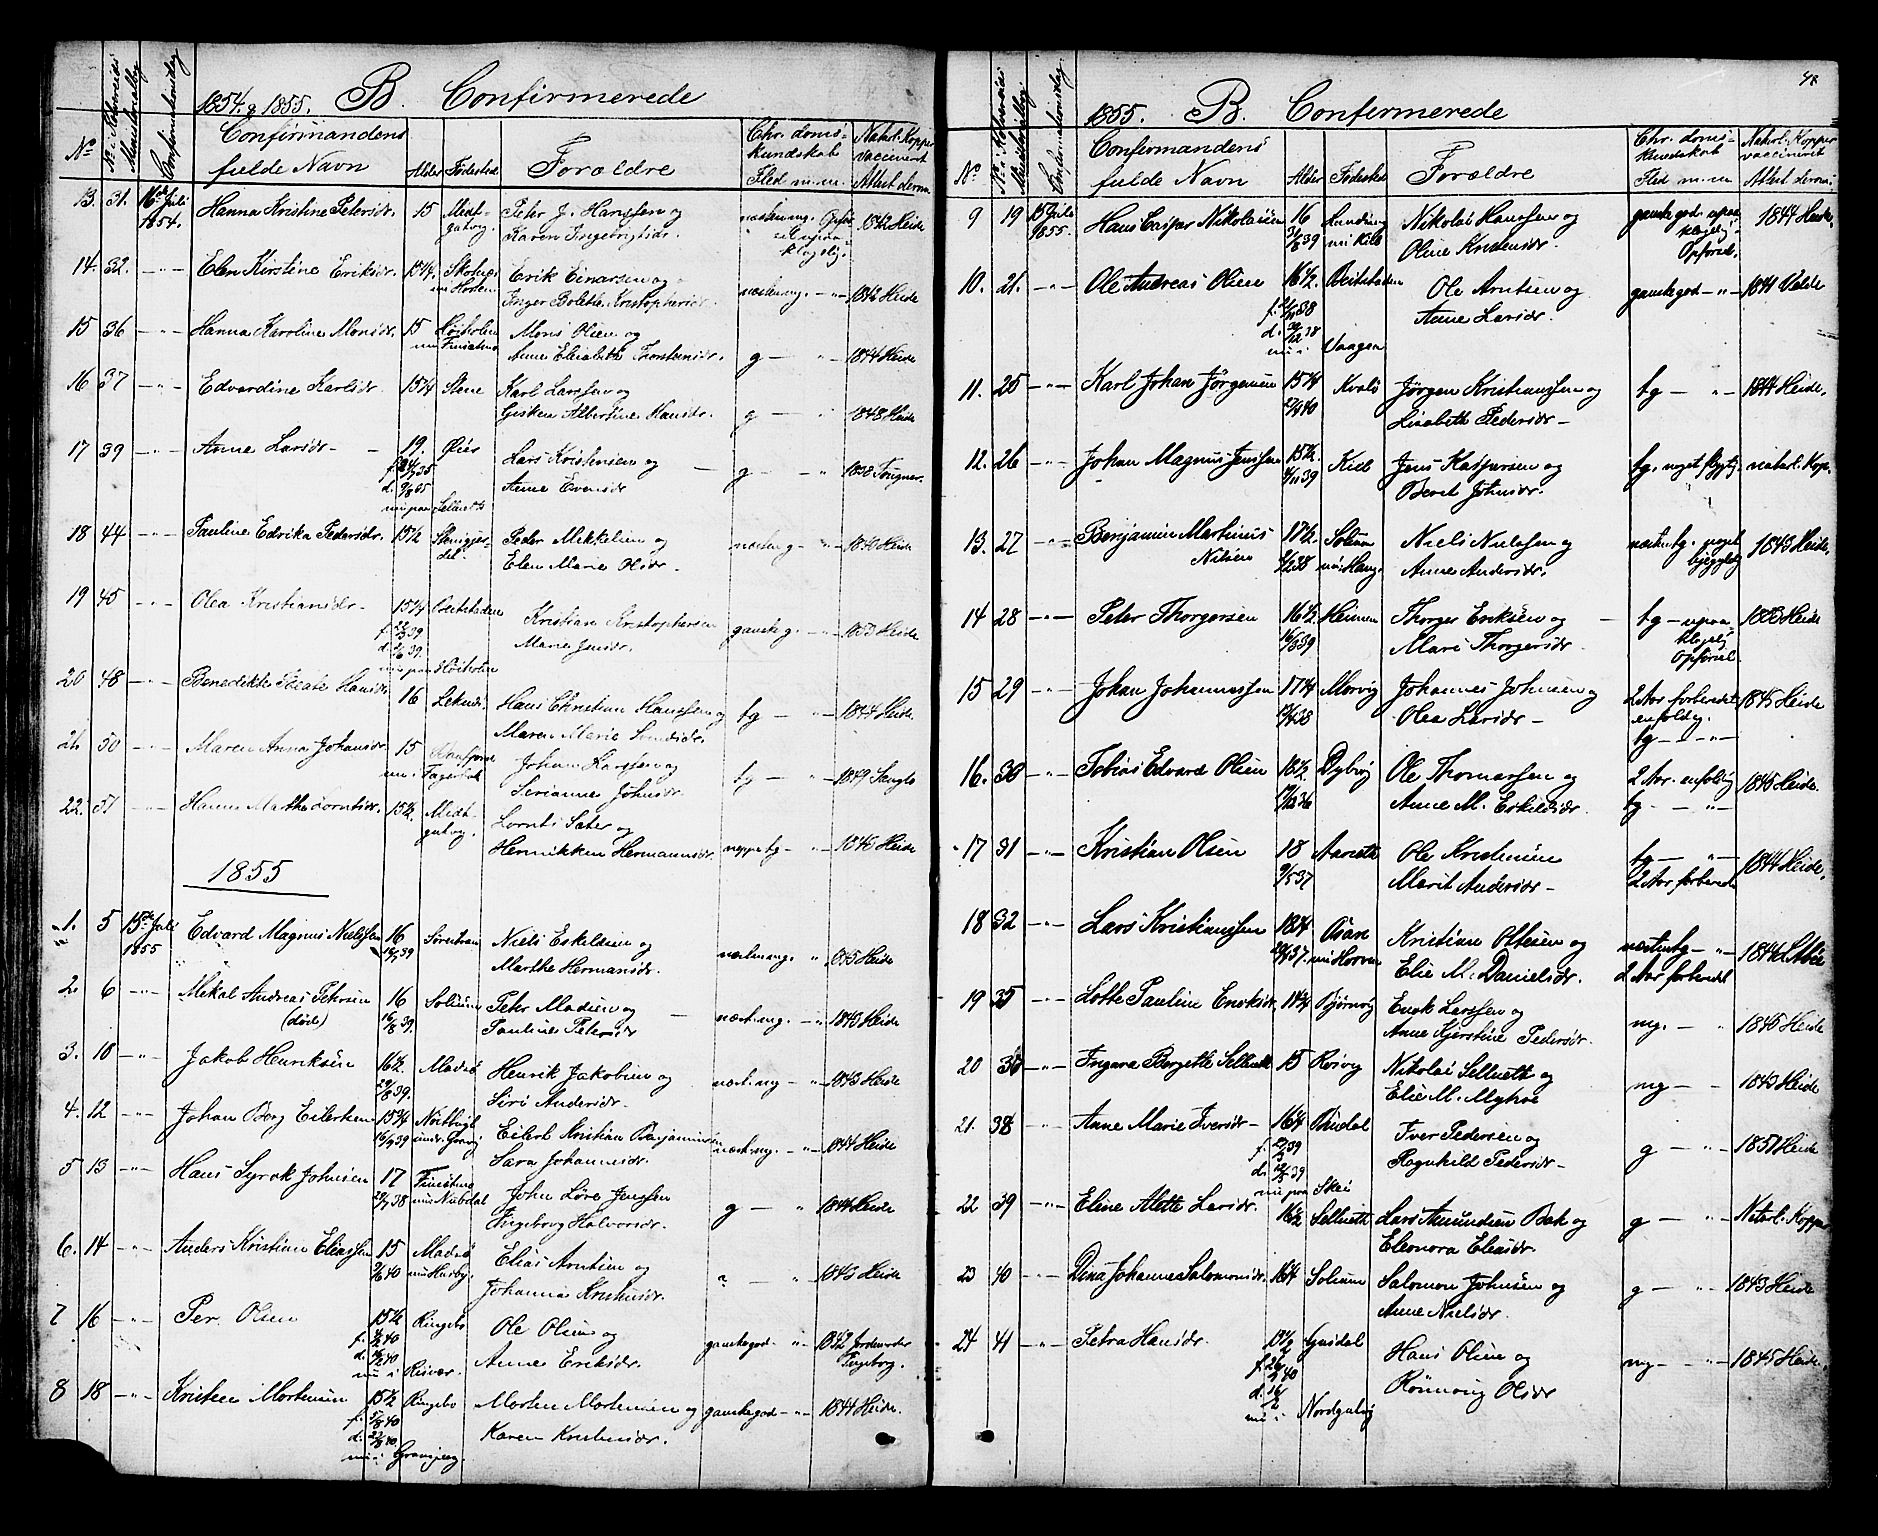 SAT, Ministerialprotokoller, klokkerbøker og fødselsregistre - Nord-Trøndelag, 788/L0695: Ministerialbok nr. 788A02, 1843-1862, s. 48